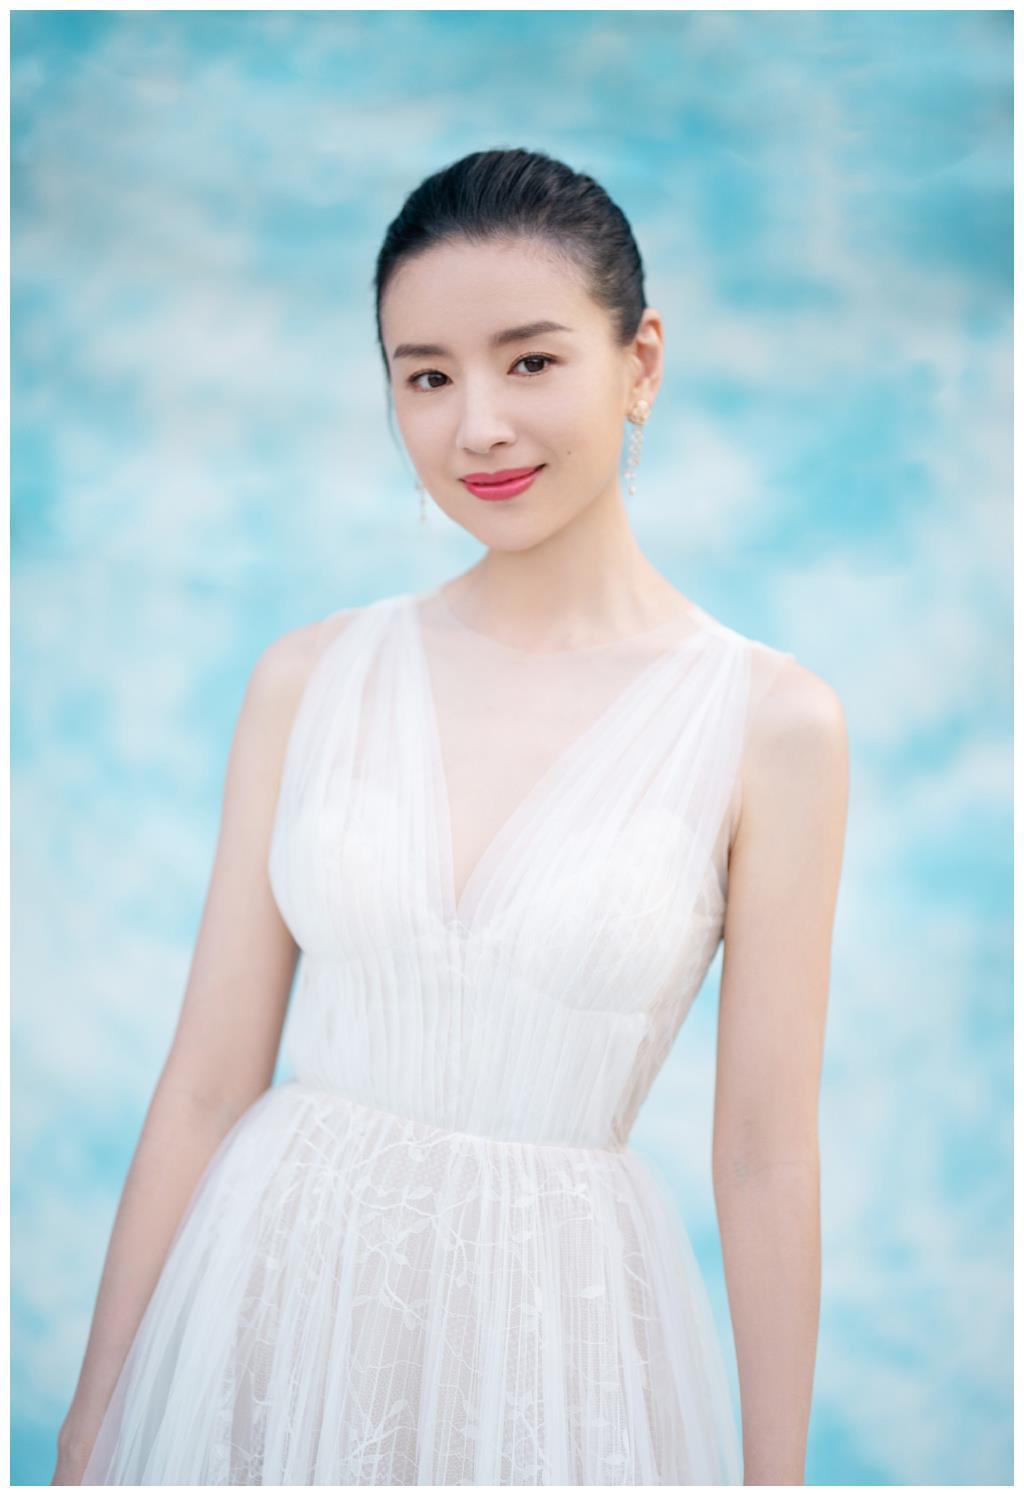 《金粉世家》剧中演员各不相同,陈坤单身,董洁离婚,她意外离世